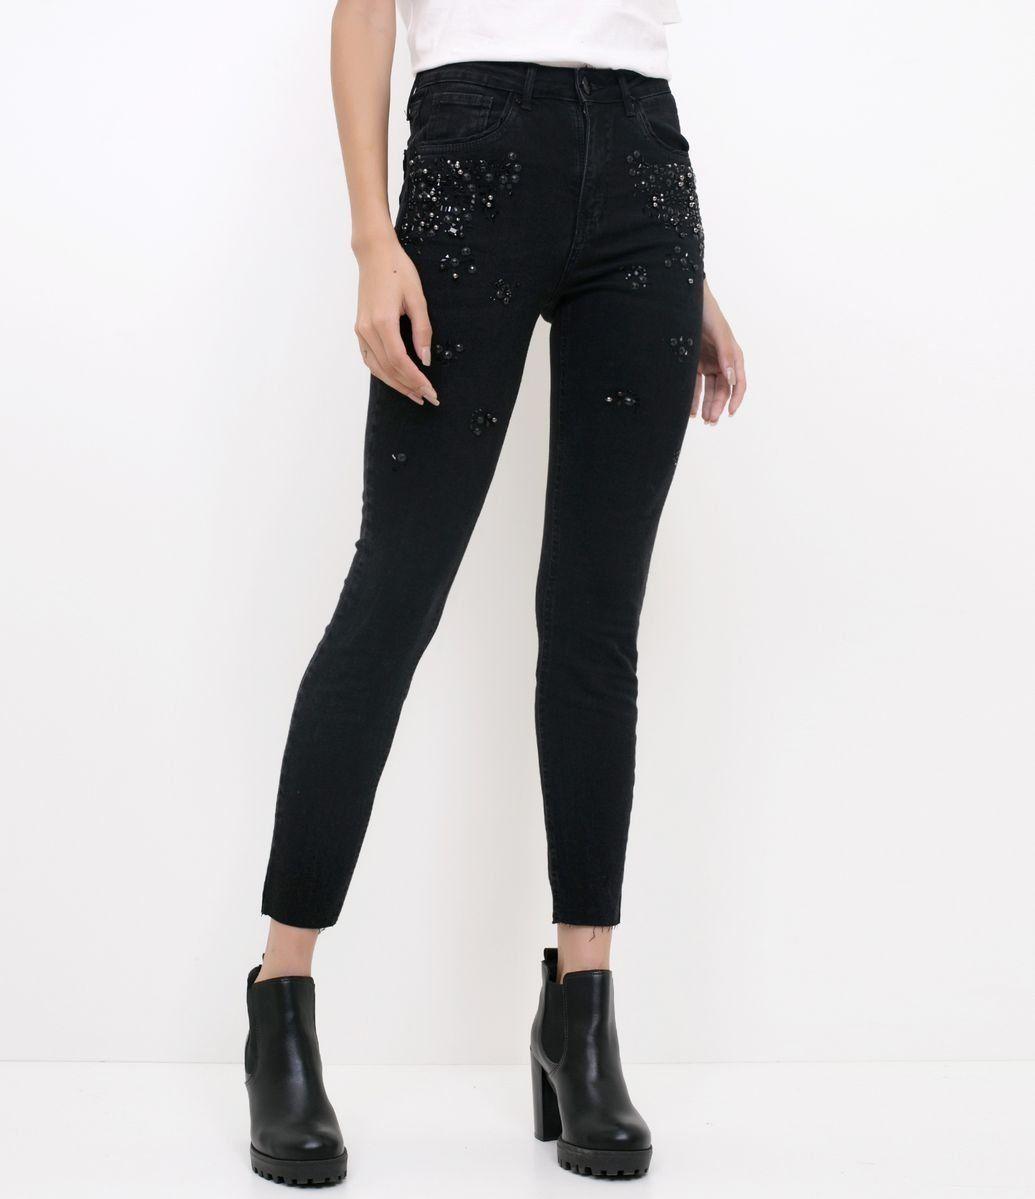 95eccc423 Calça Jeans Skinny com Bordado de Pedraria - Renner | Verão Renner ...